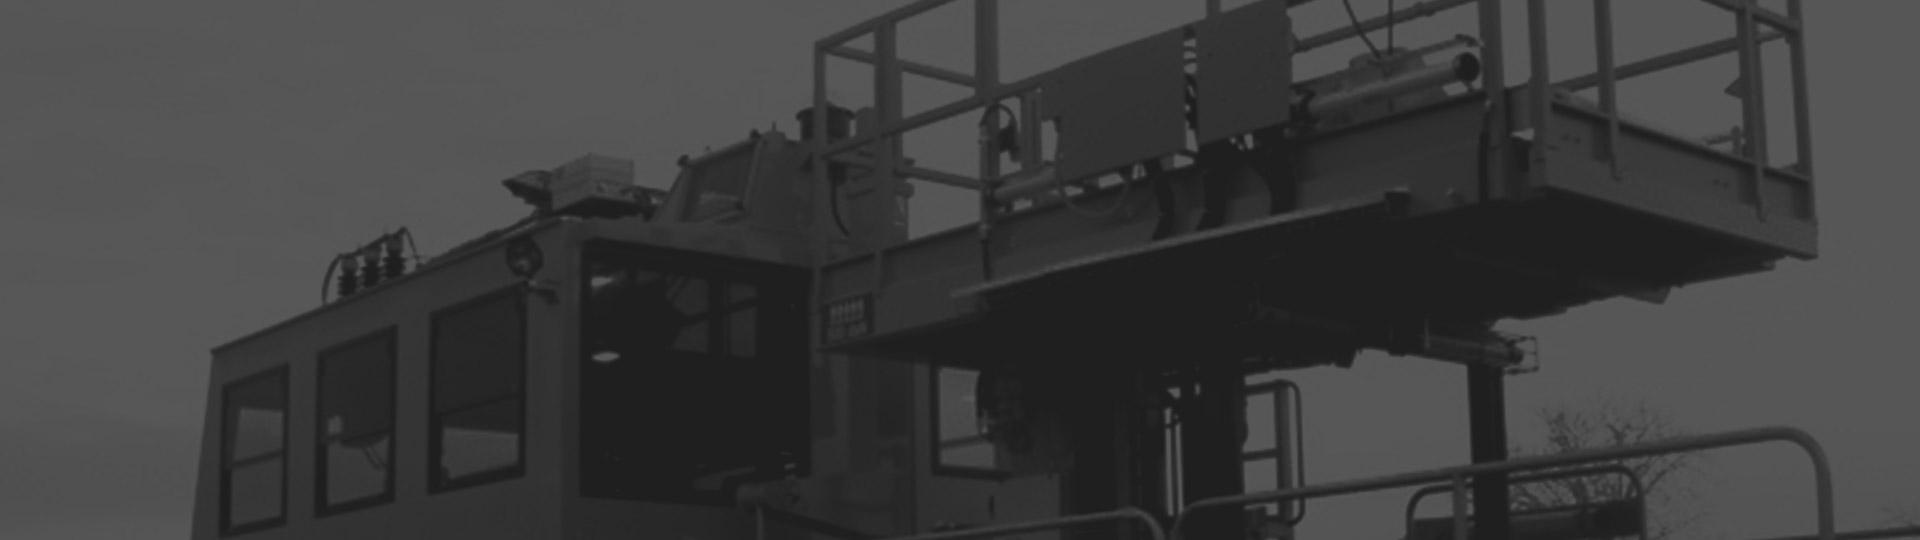 Header colonna telescopica ferroviaria 3 1 2